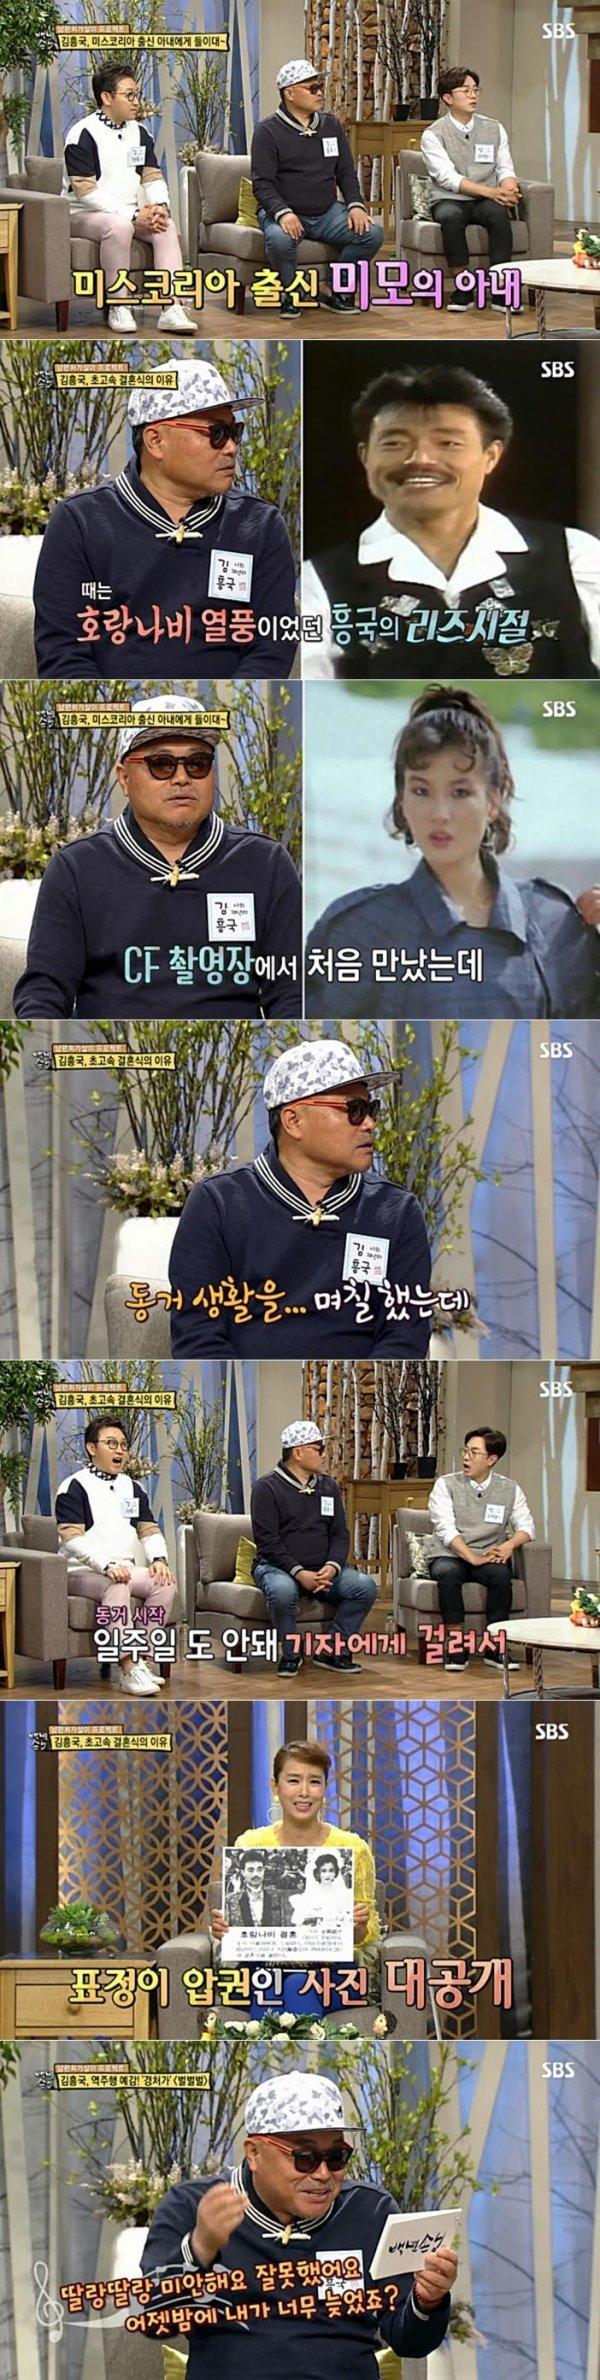 [DA:시청률] 김흥국, '백년손님' 최고 시청률 주인공 등극